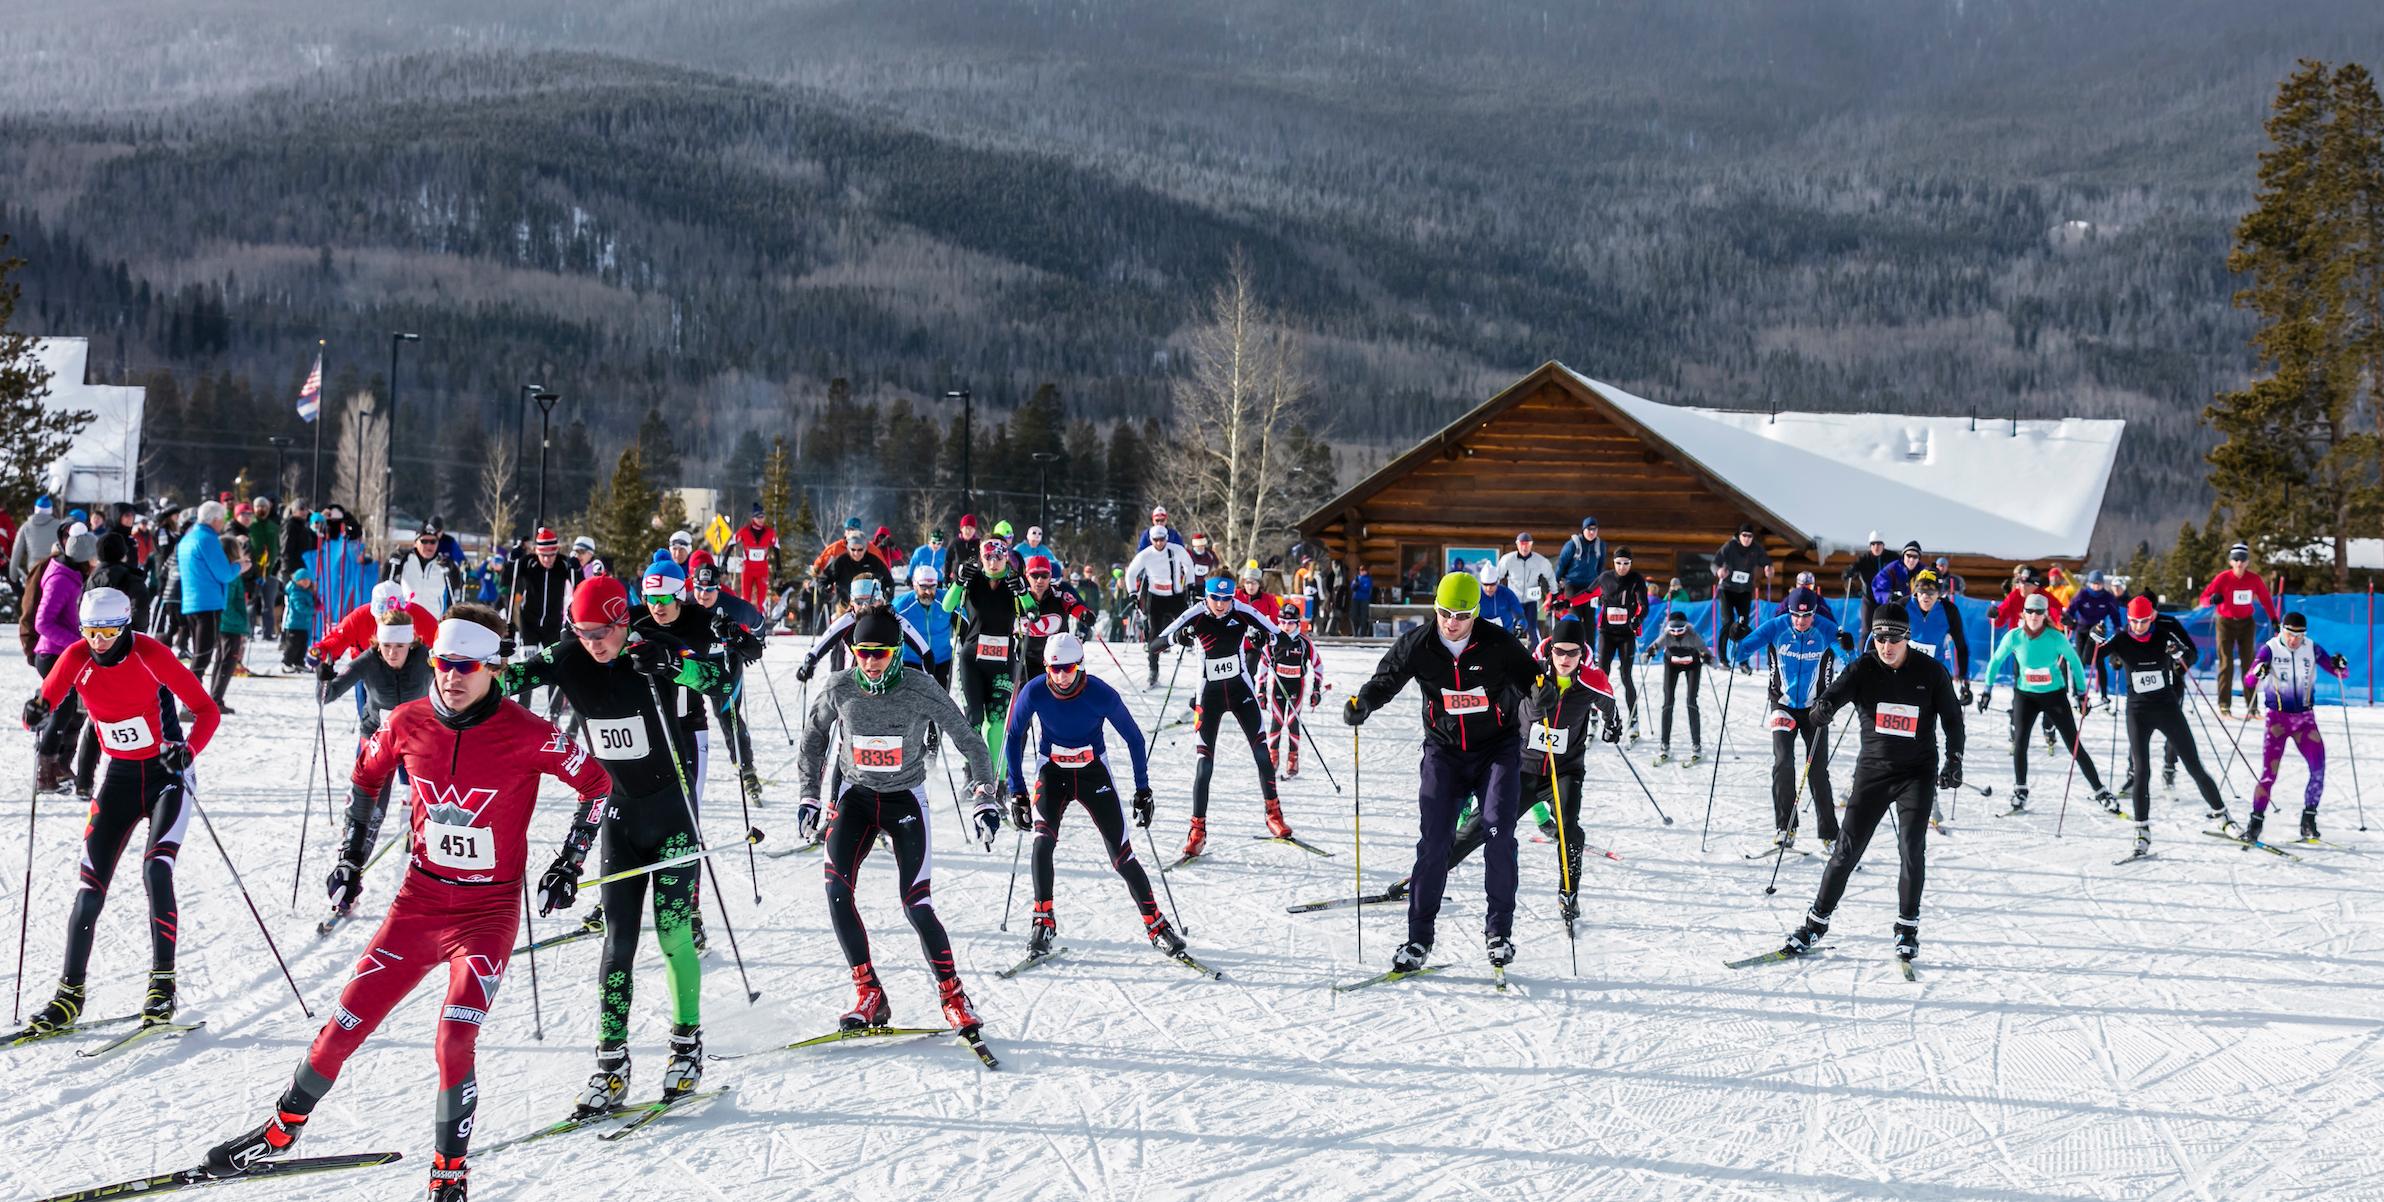 Frisco Gold Rush Cross Country Ski Race, Frisco, Colorado